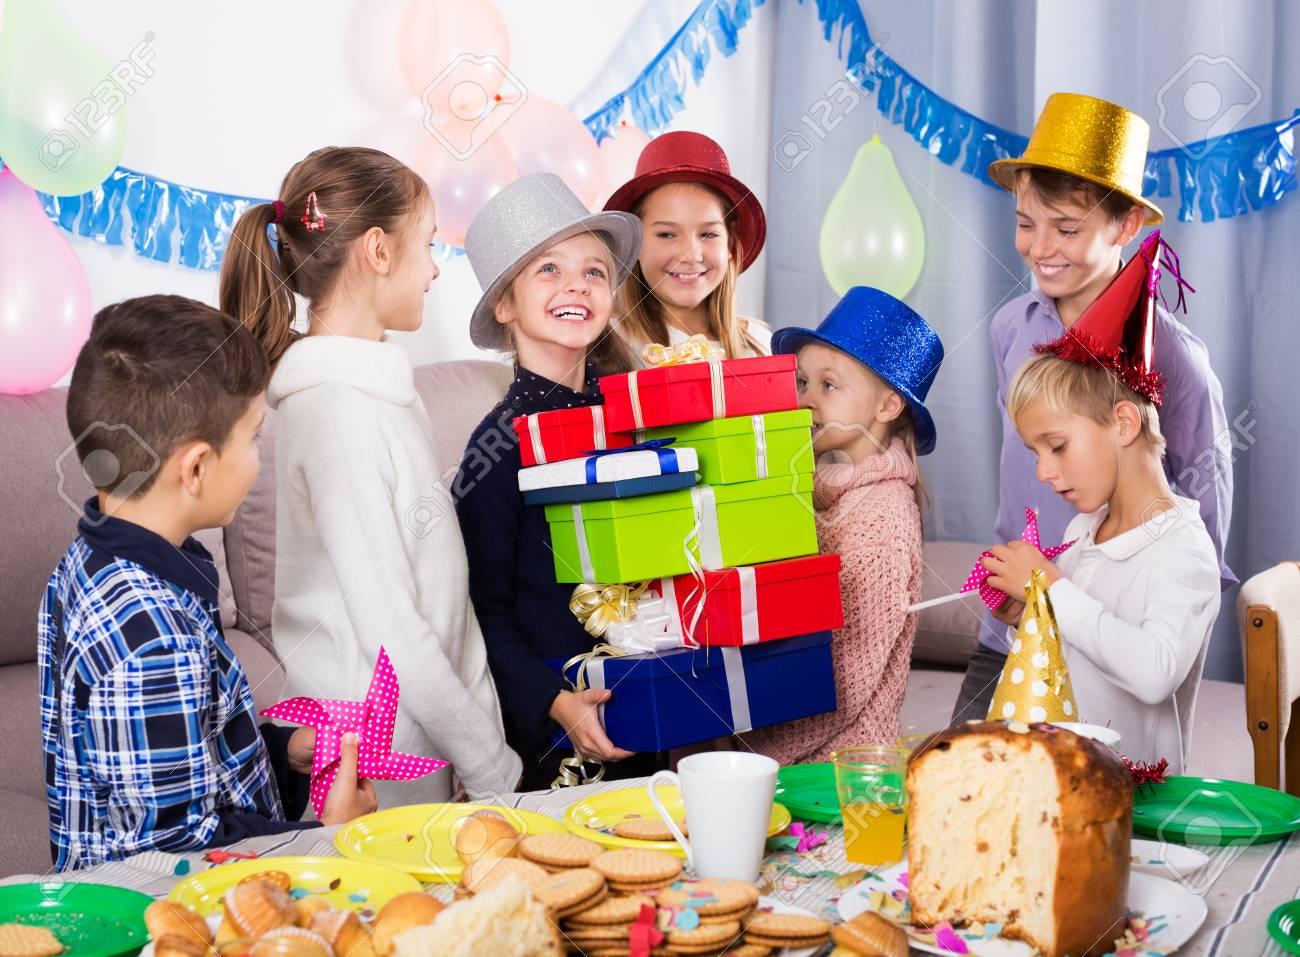 Jungen Und Madchen Geben Geschenke Zum Geburtstag Madchen Beim